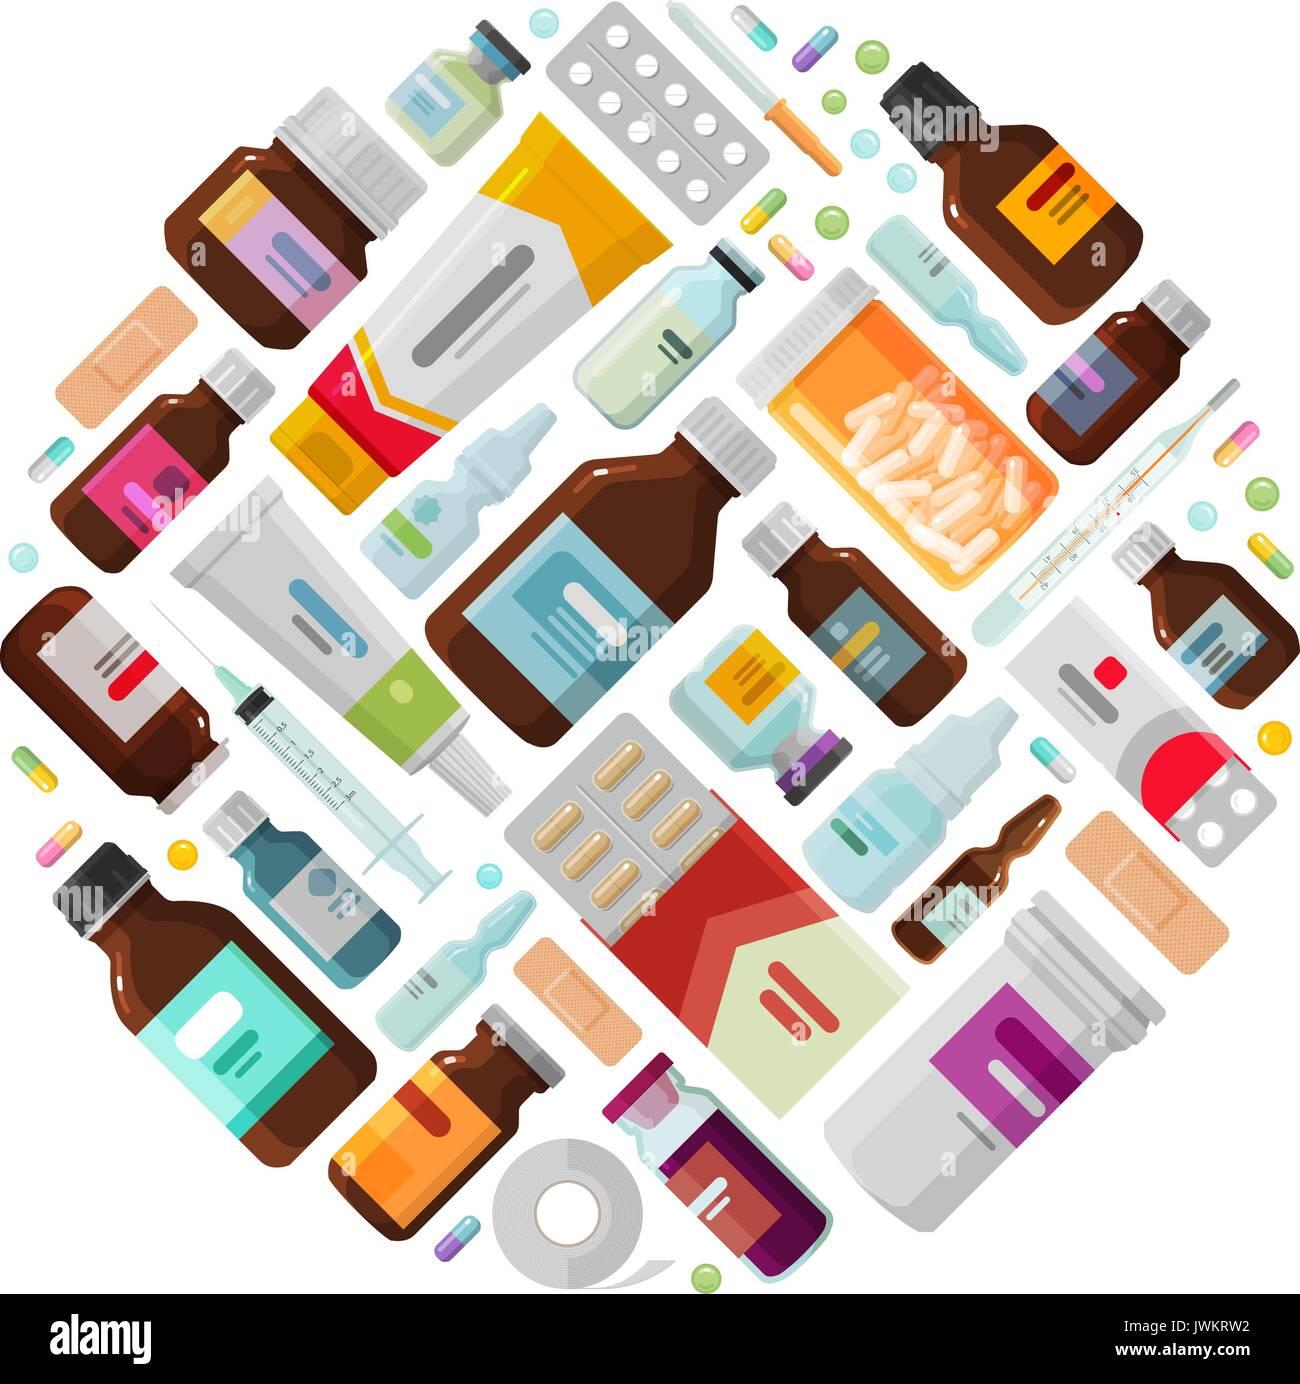 Concepto de medicina. Medicamentos, drogas, botellas y píldoras iconos. Ilustración vectorial Imagen De Stock